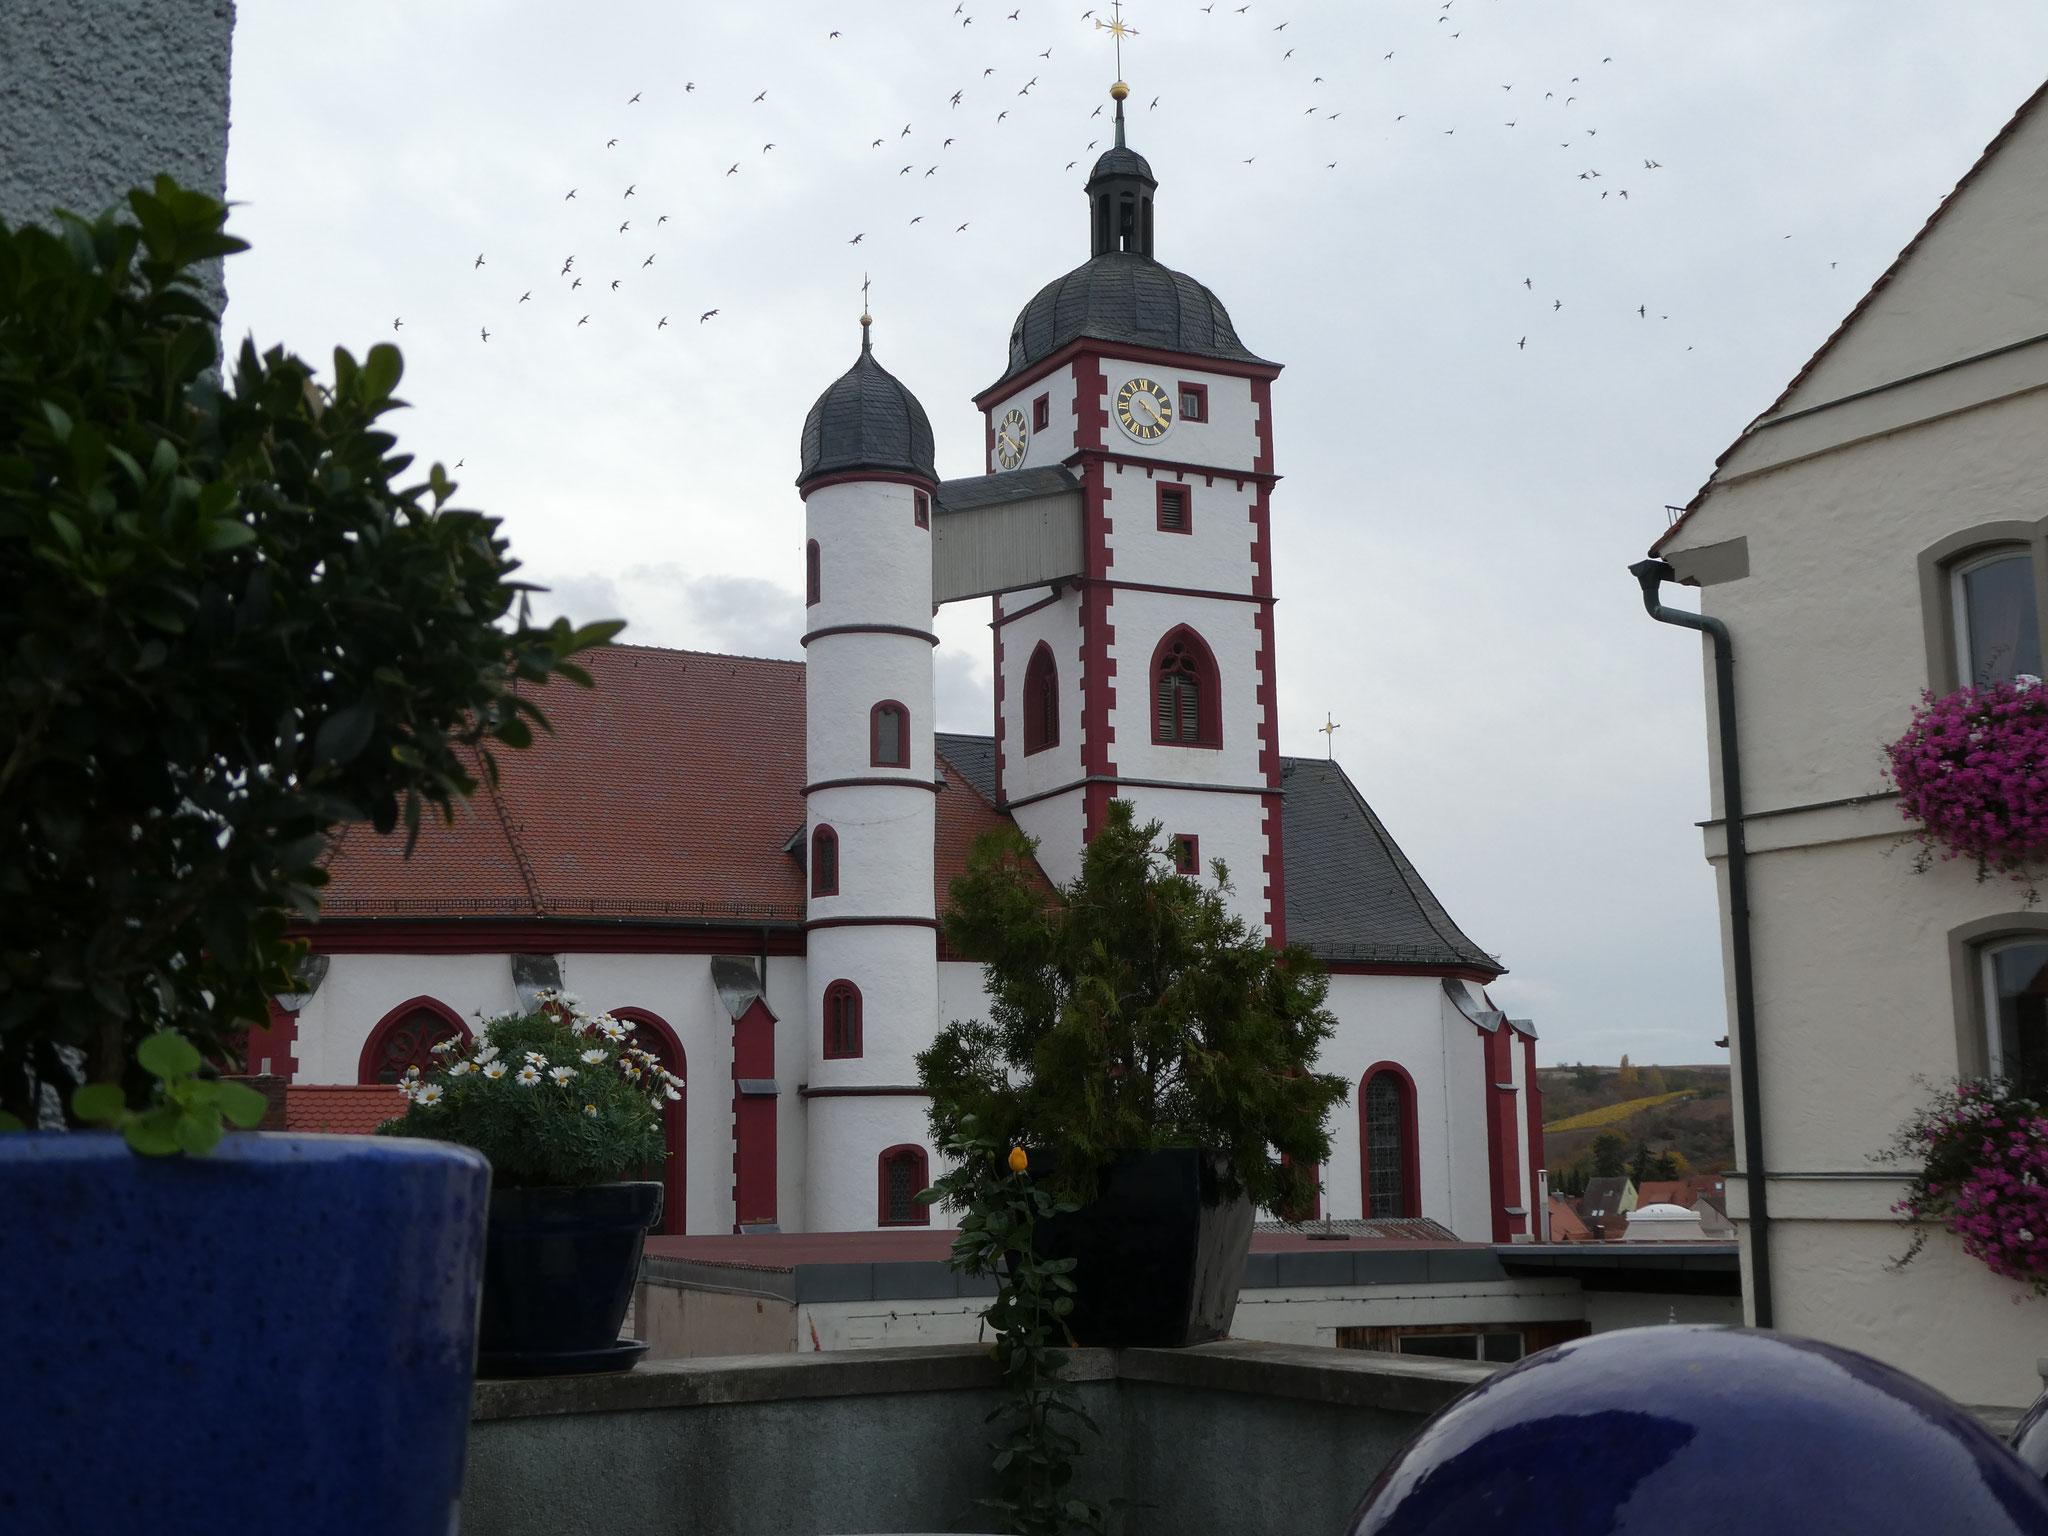 Die Stadtpfarrkirche mit ihrem separaten Treppenturm